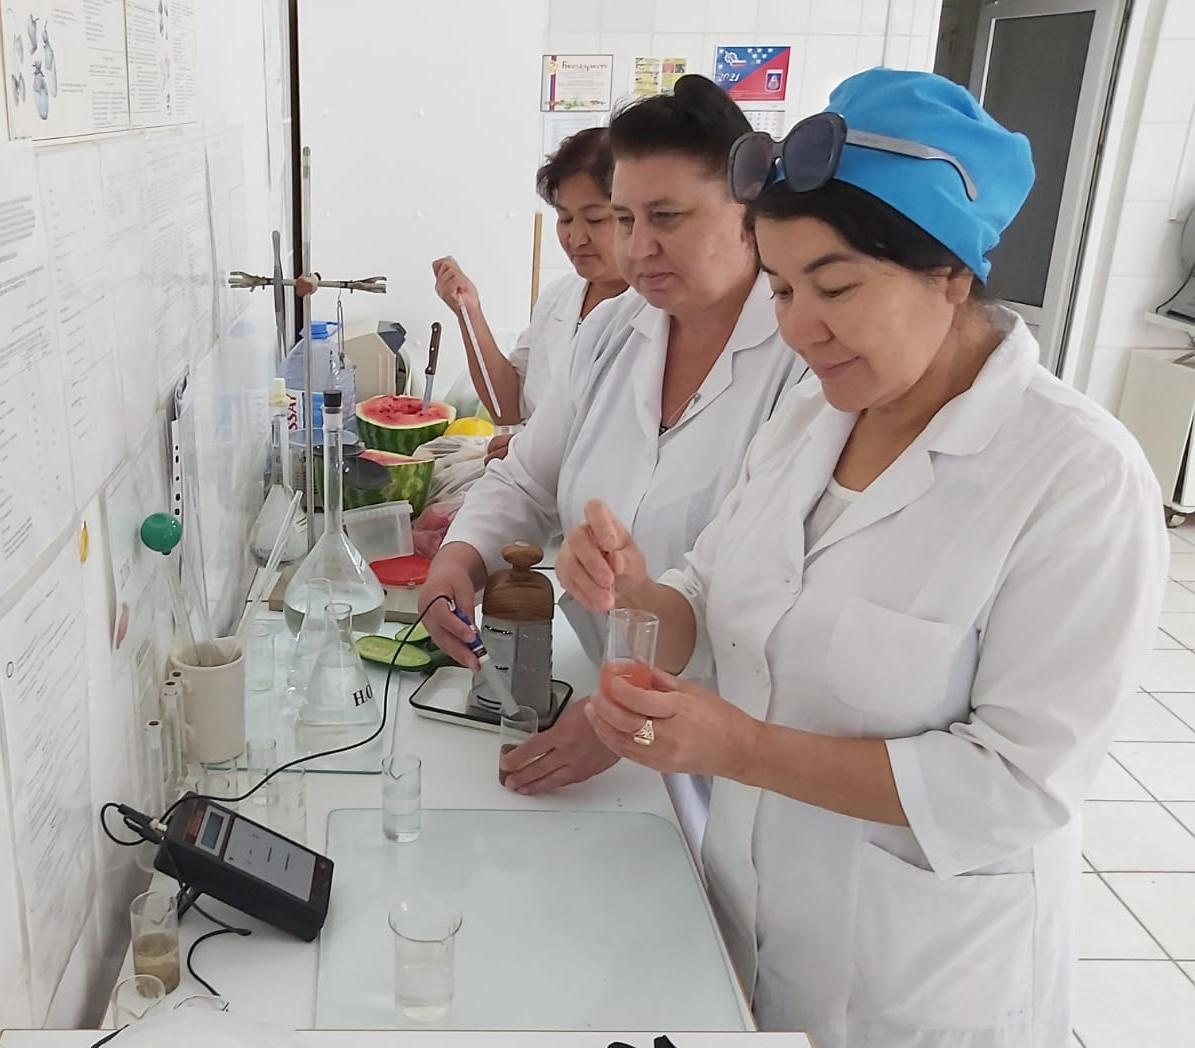 Результат исследований ввозимой продукции растительного и животного происхождения на Центральном универсальном рынке и в торговых объектах города с 9 по 15 июля 2021 г.